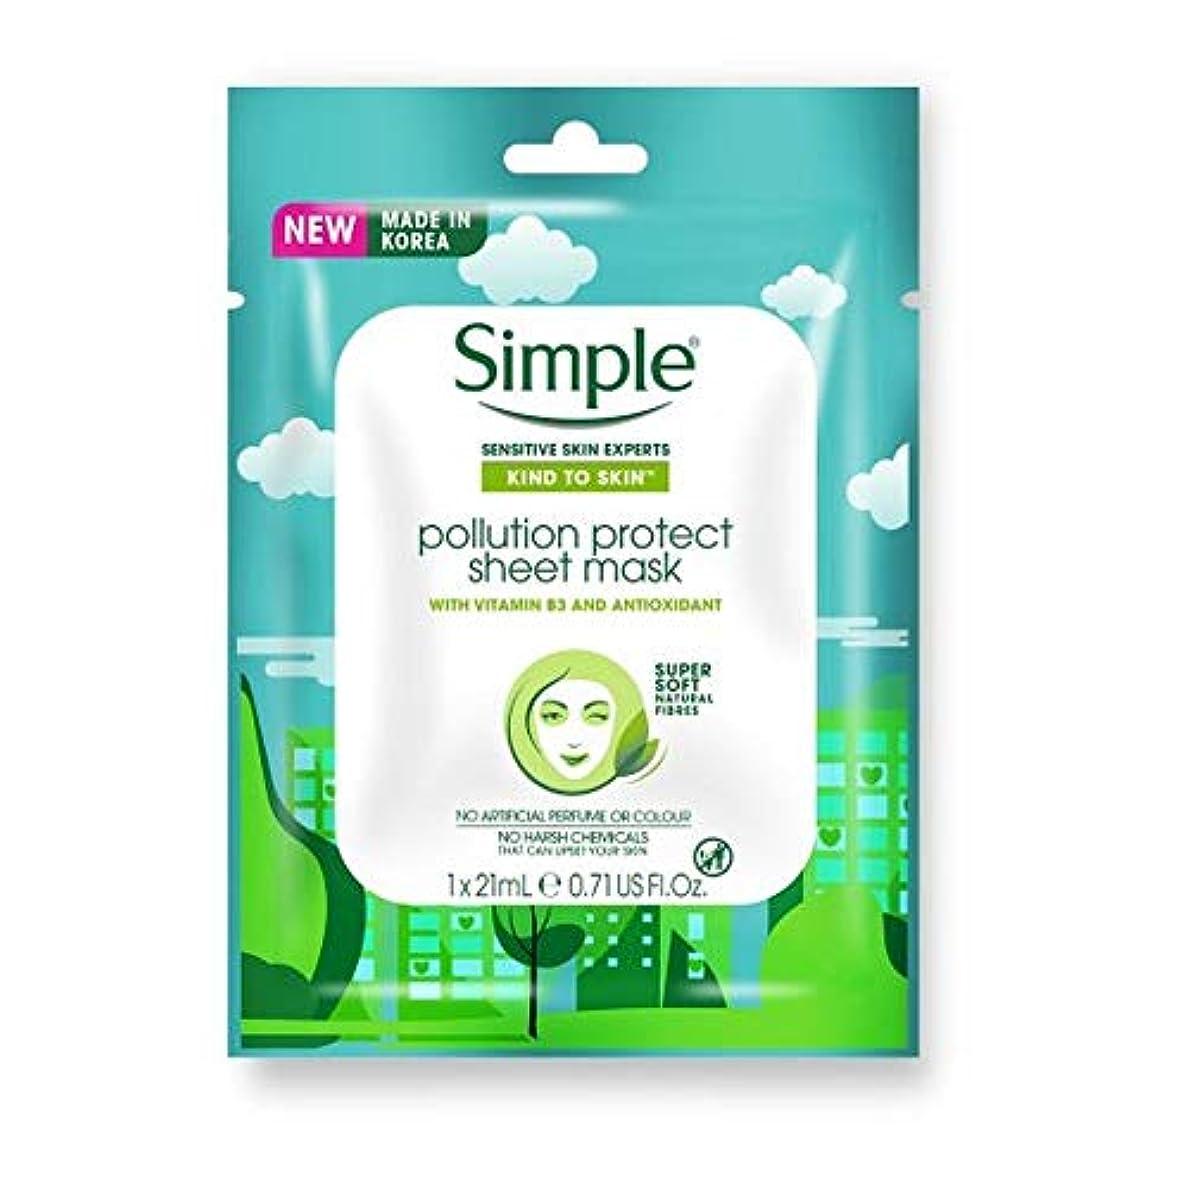 意気込みベアリングサークルめったに[Simple] 皮膚汚染への単純な種類のシートマスク21ミリリットルを保護 - Simple Kind To Skin Pollution Protect Sheet Mask 21Ml [並行輸入品]